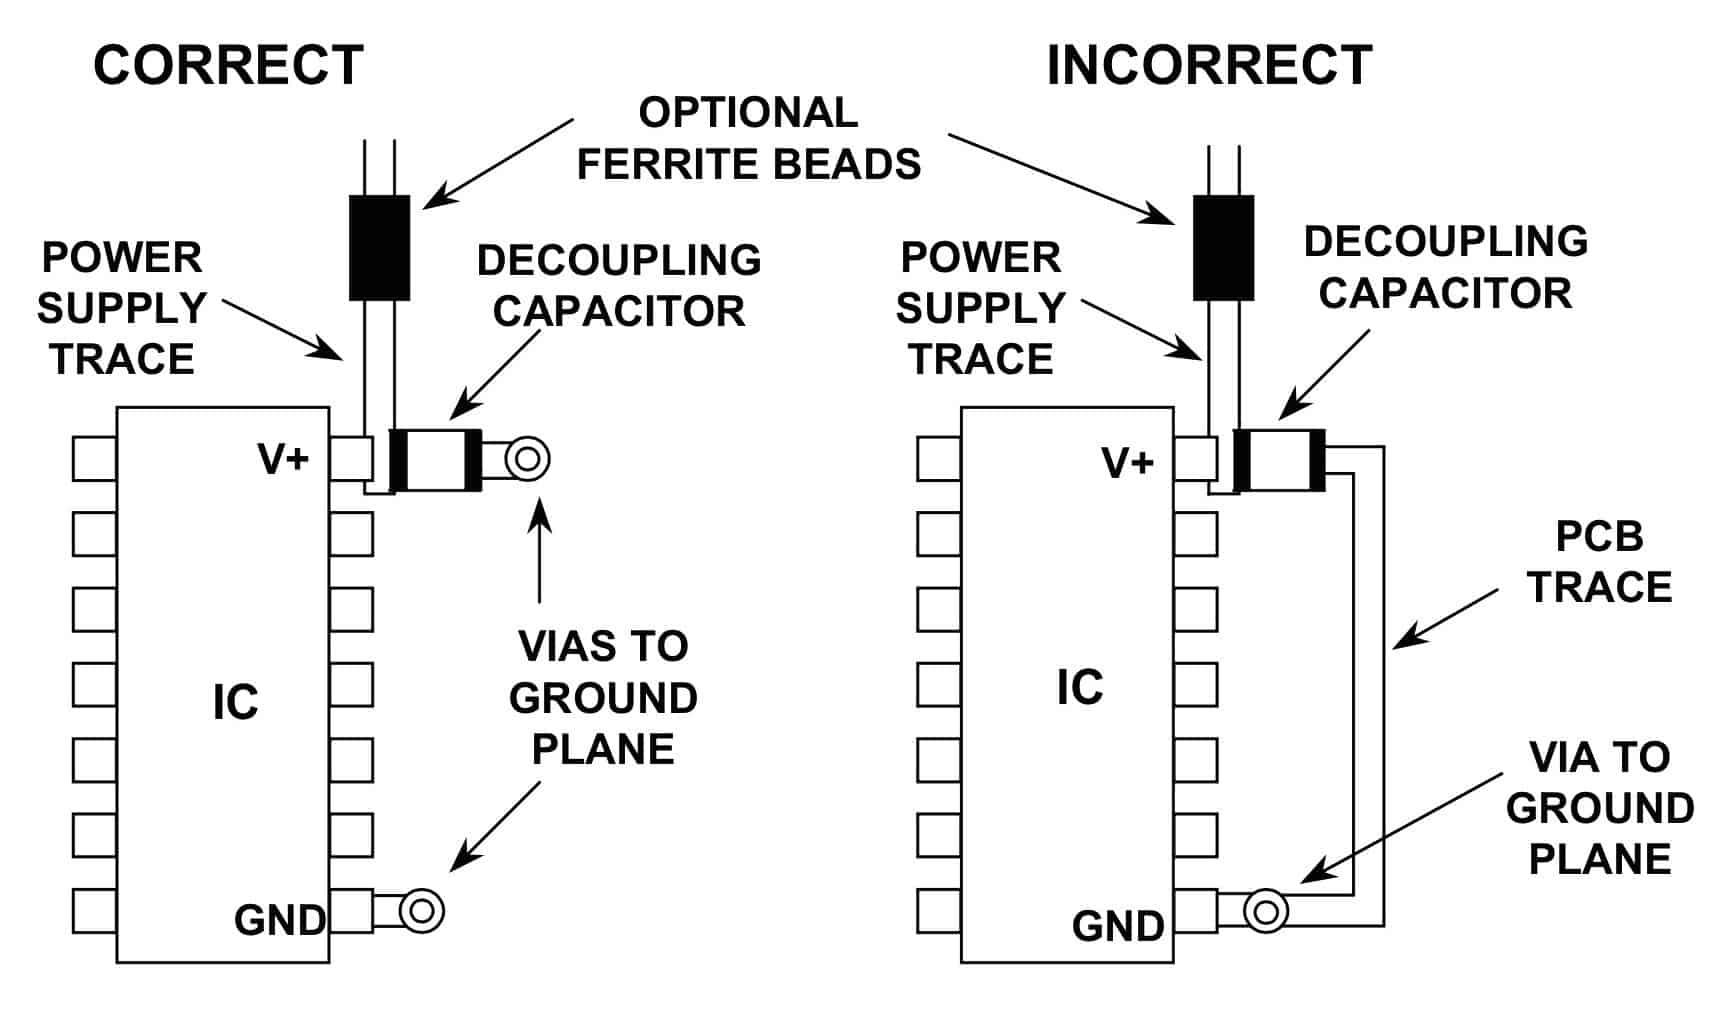 图6:高频电源滤波器 需要通过较短的低电感路径(接地层)去耦